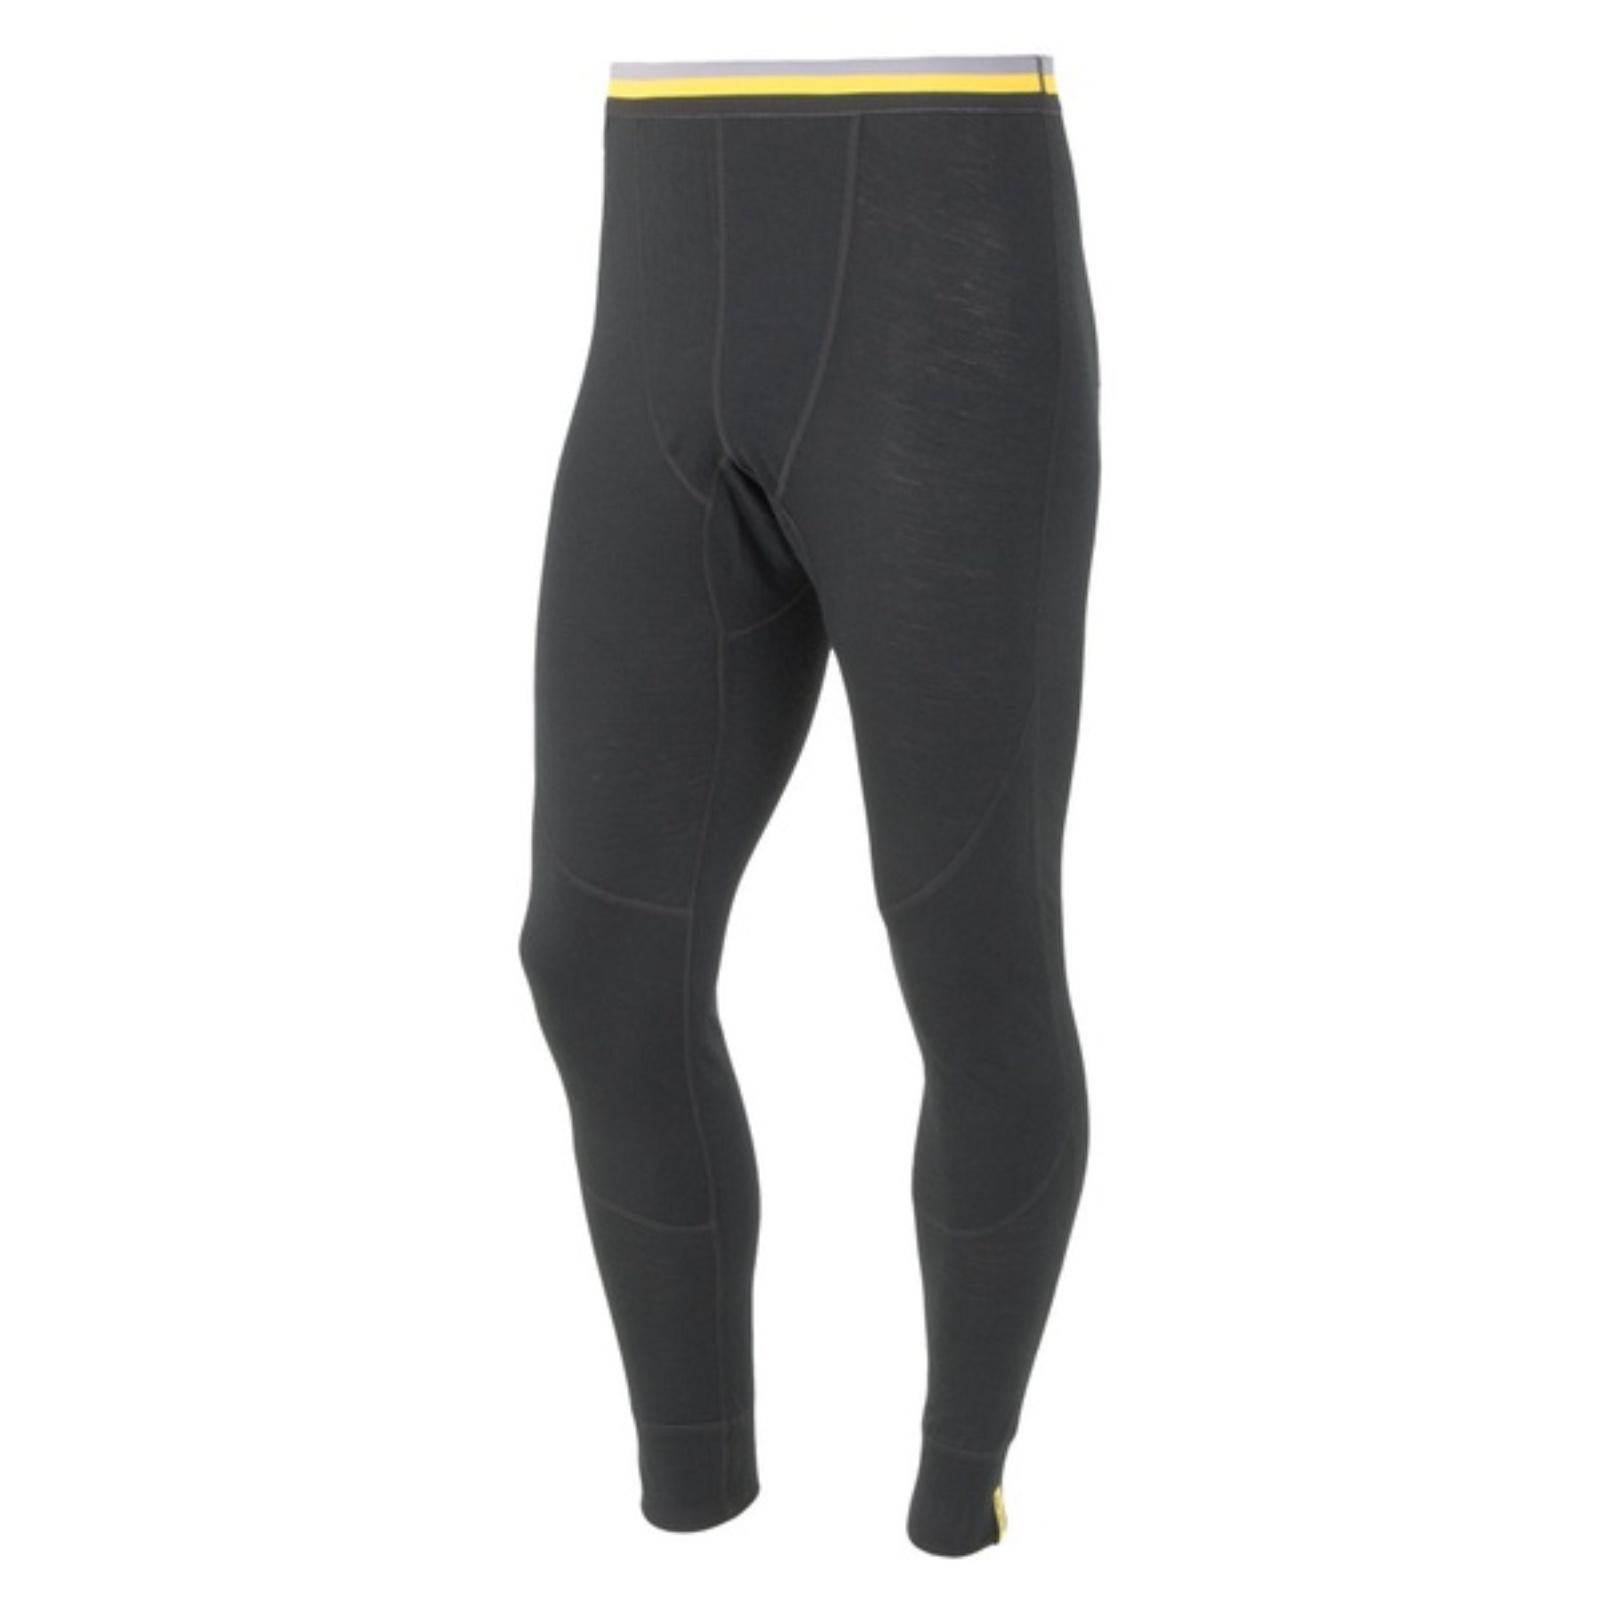 Sensor Merino Wool Active spodky černá pán.